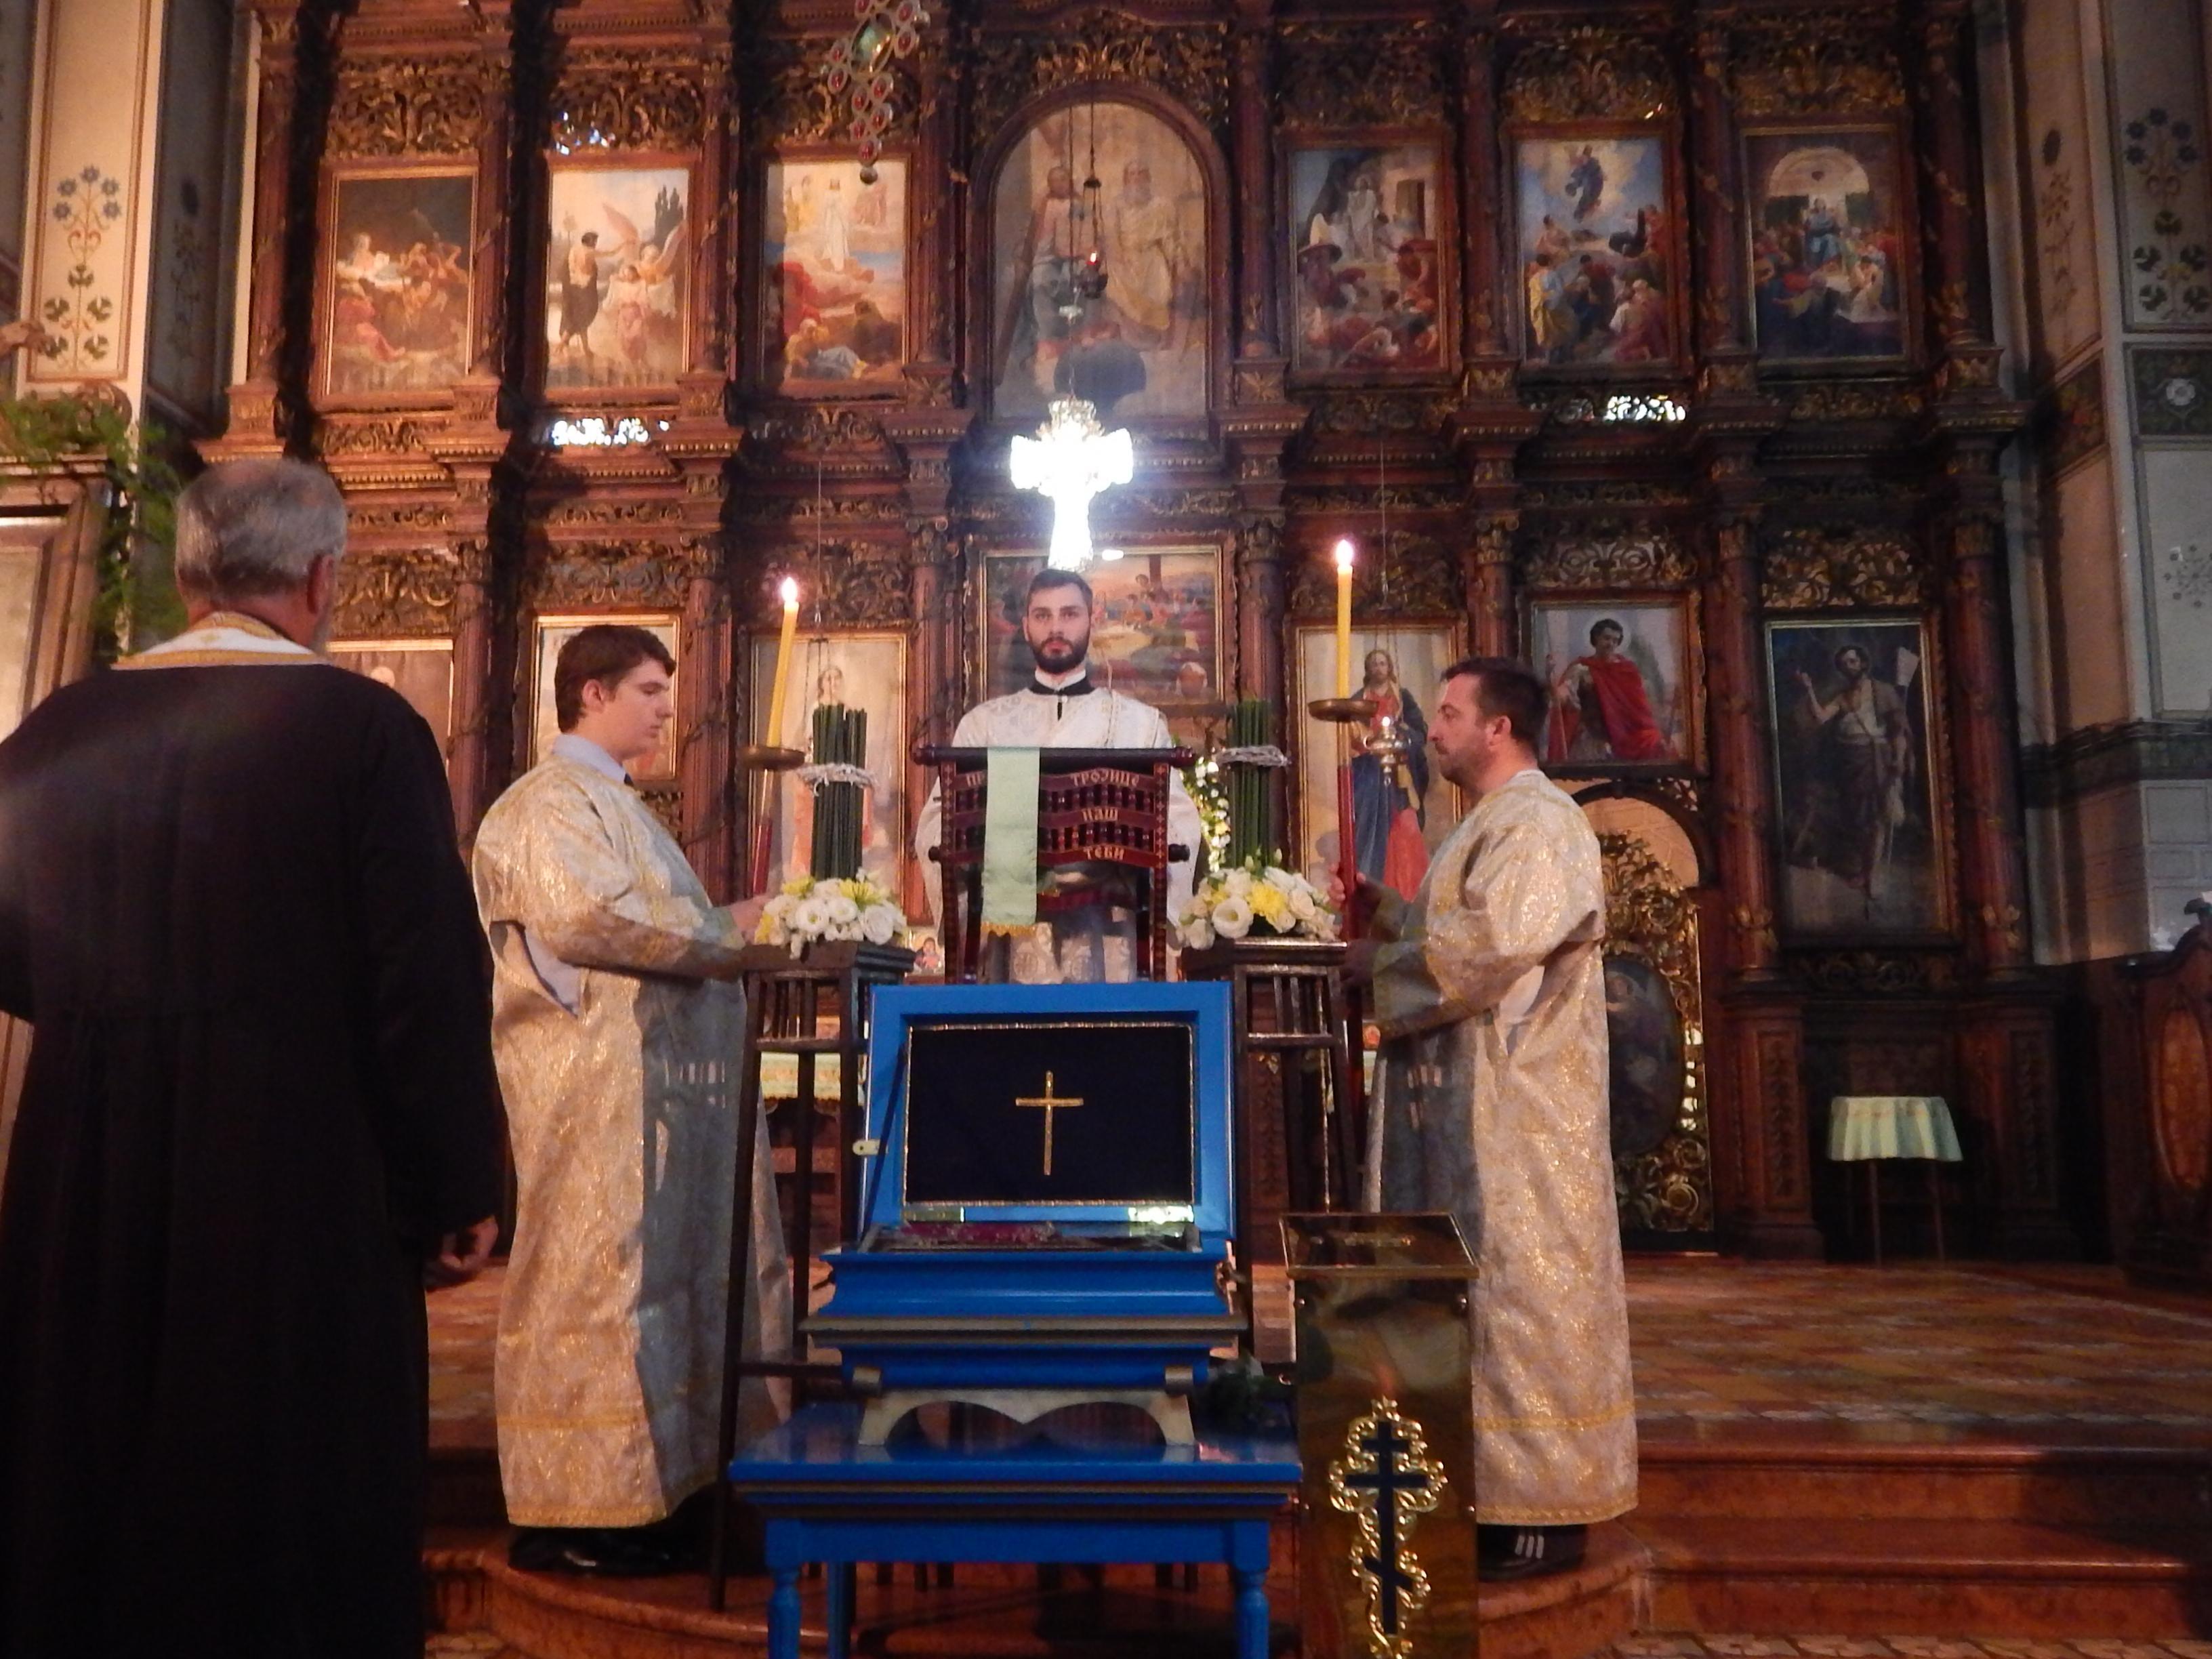 Преподобна мајка Ангелина у румском Храму силаска Светог Духа на апостоле